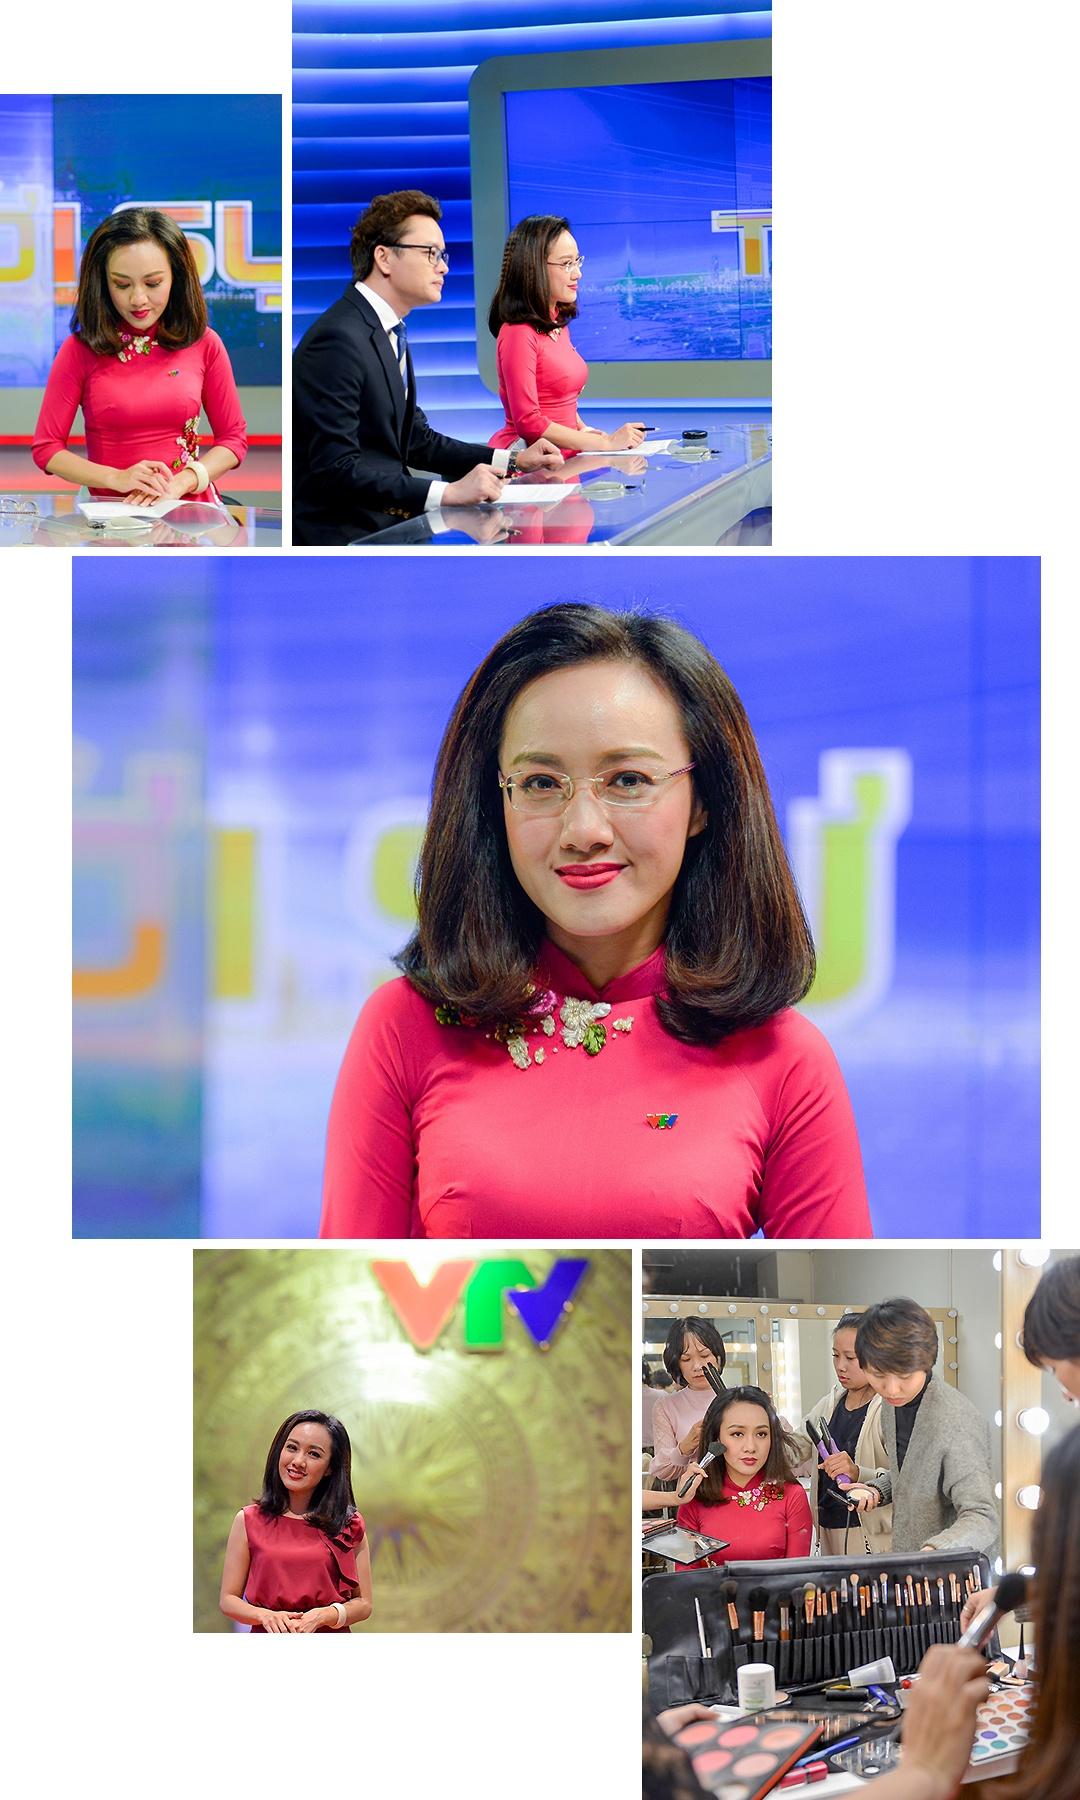 Hoai Anh cua Thoi su VTV: 'Dung, toi la mot bien tap vien giau co' hinh anh 6